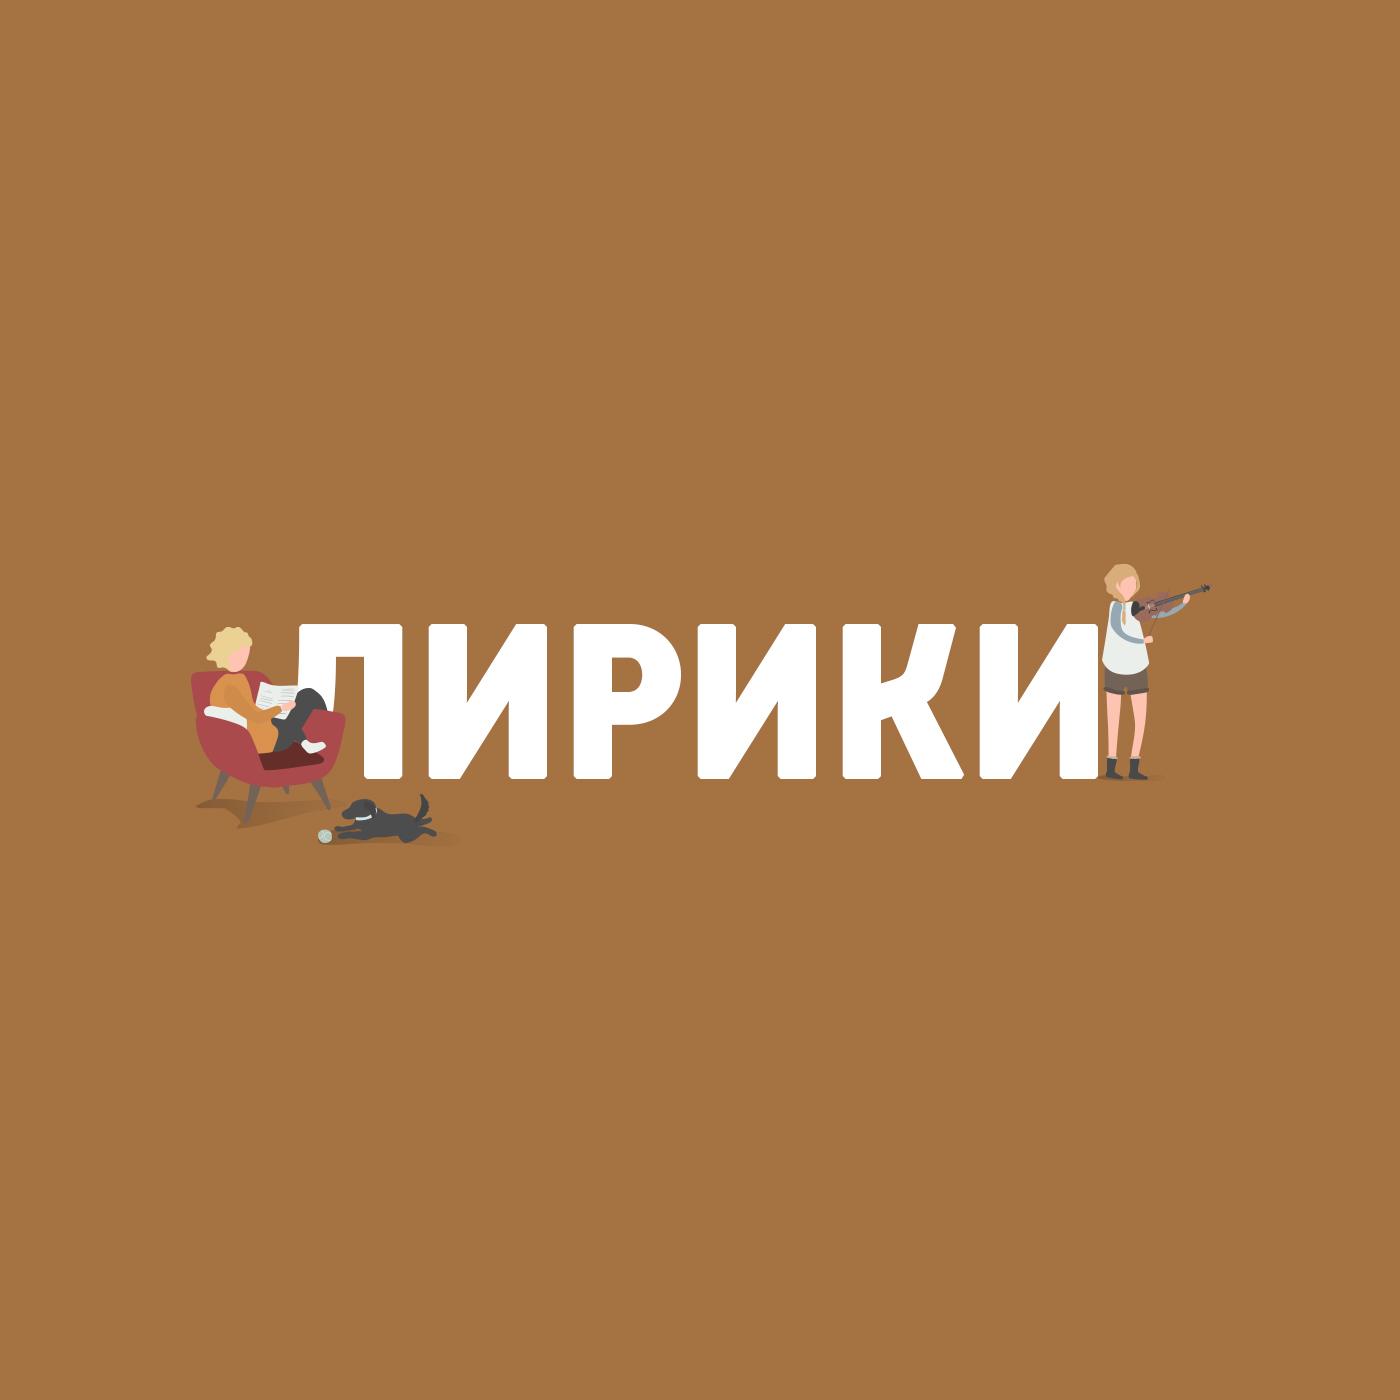 Маргарита Митрофанова Культура современного общения: писать или звонить?